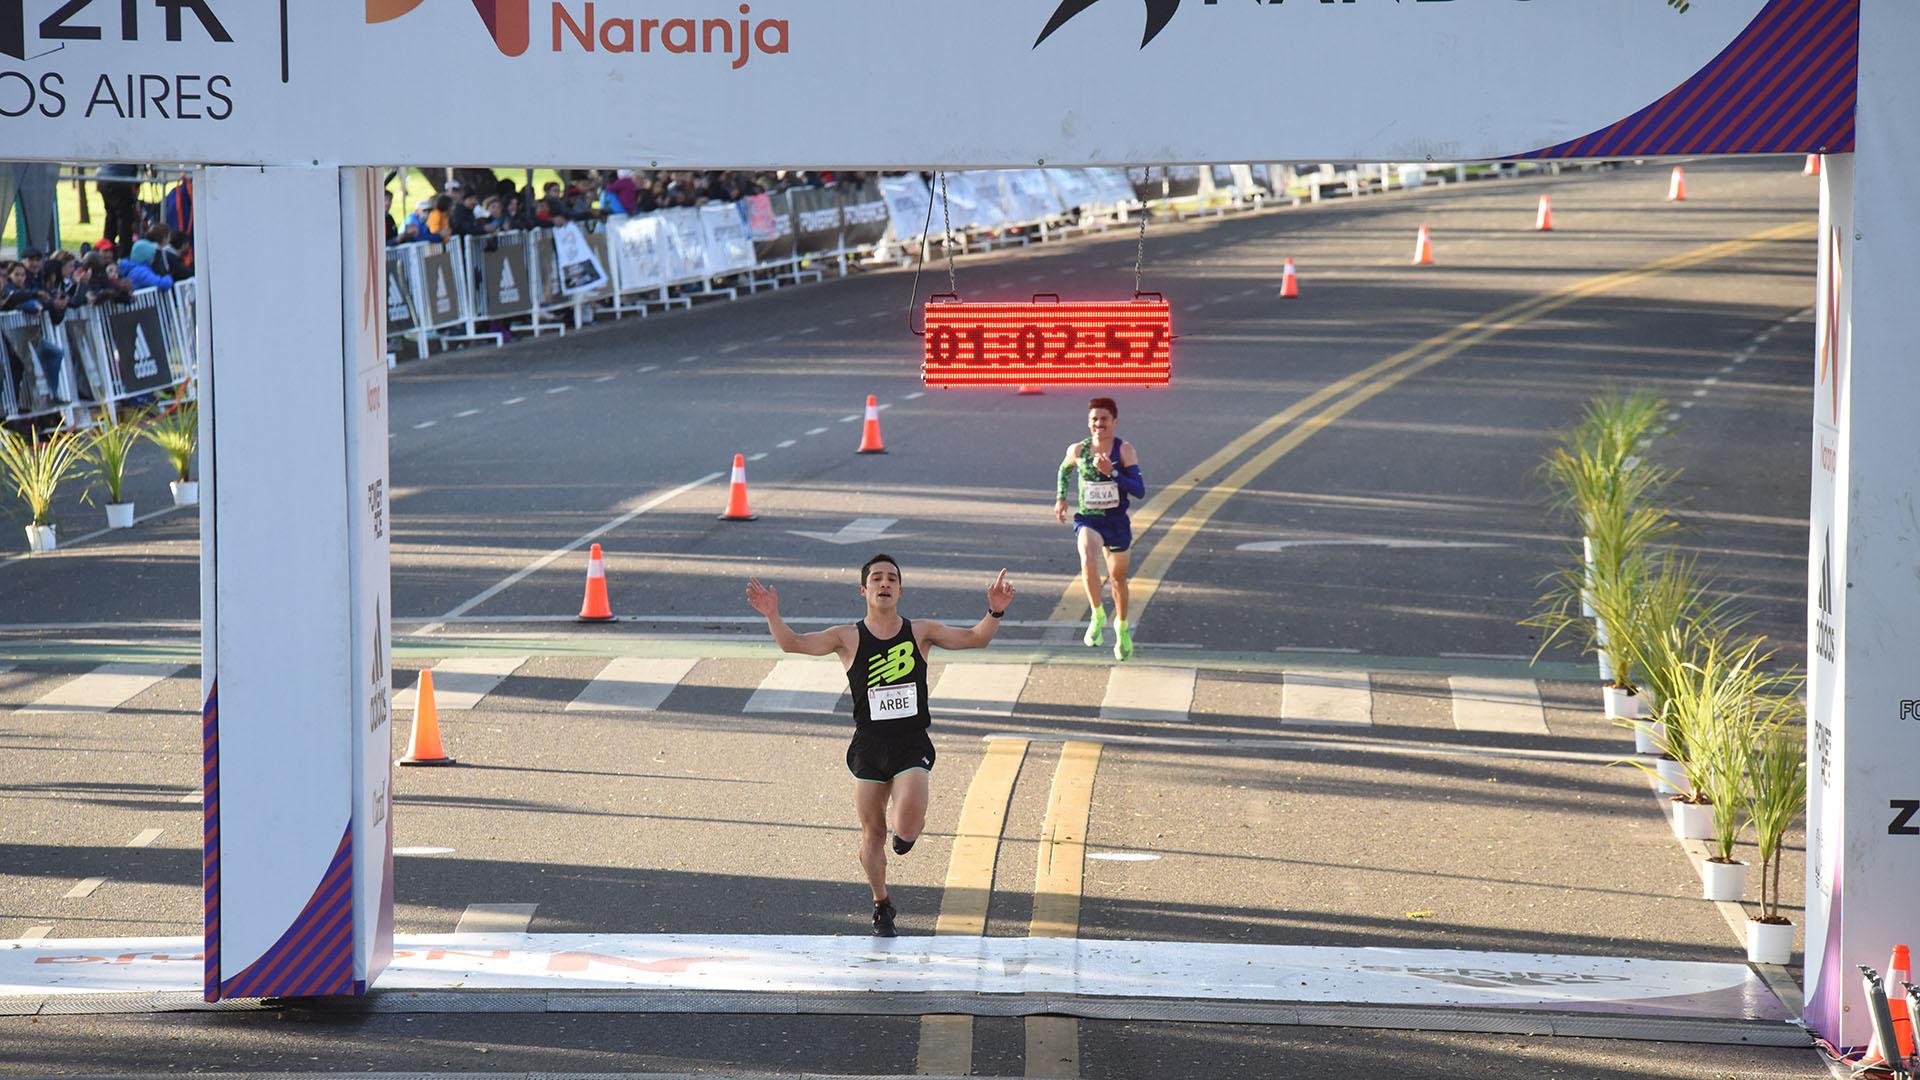 Joaquín Arbe, oriundo de Esquel, fue el argentino más rápido, con un tiempo de 1:02:58